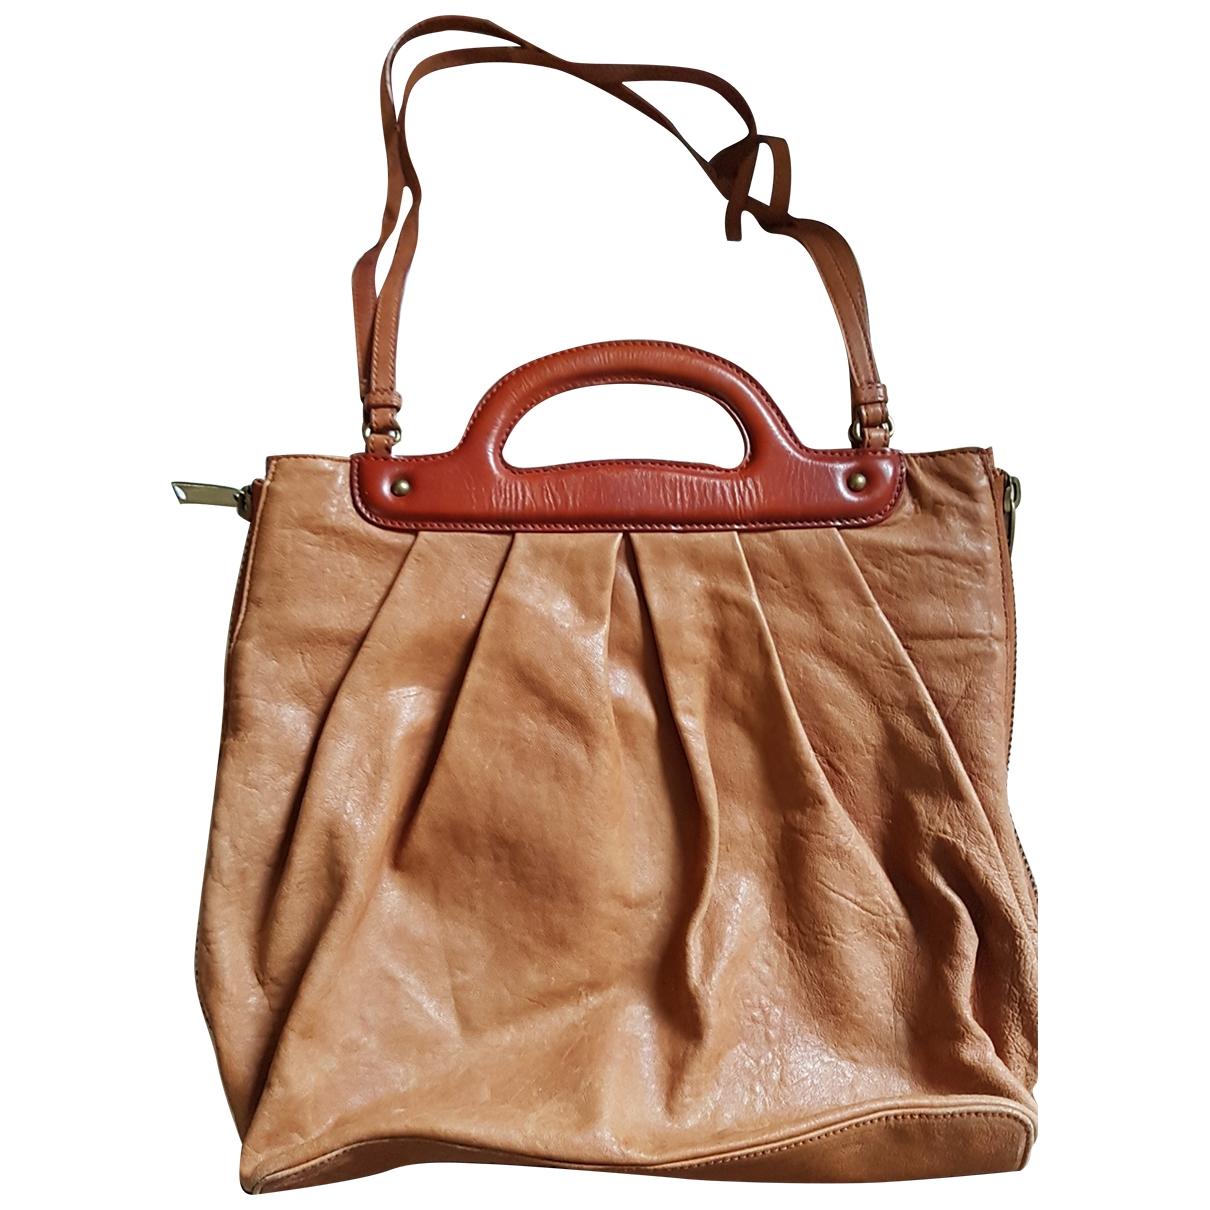 Cynthia Rowley \N Camel Leather handbag for Women \N